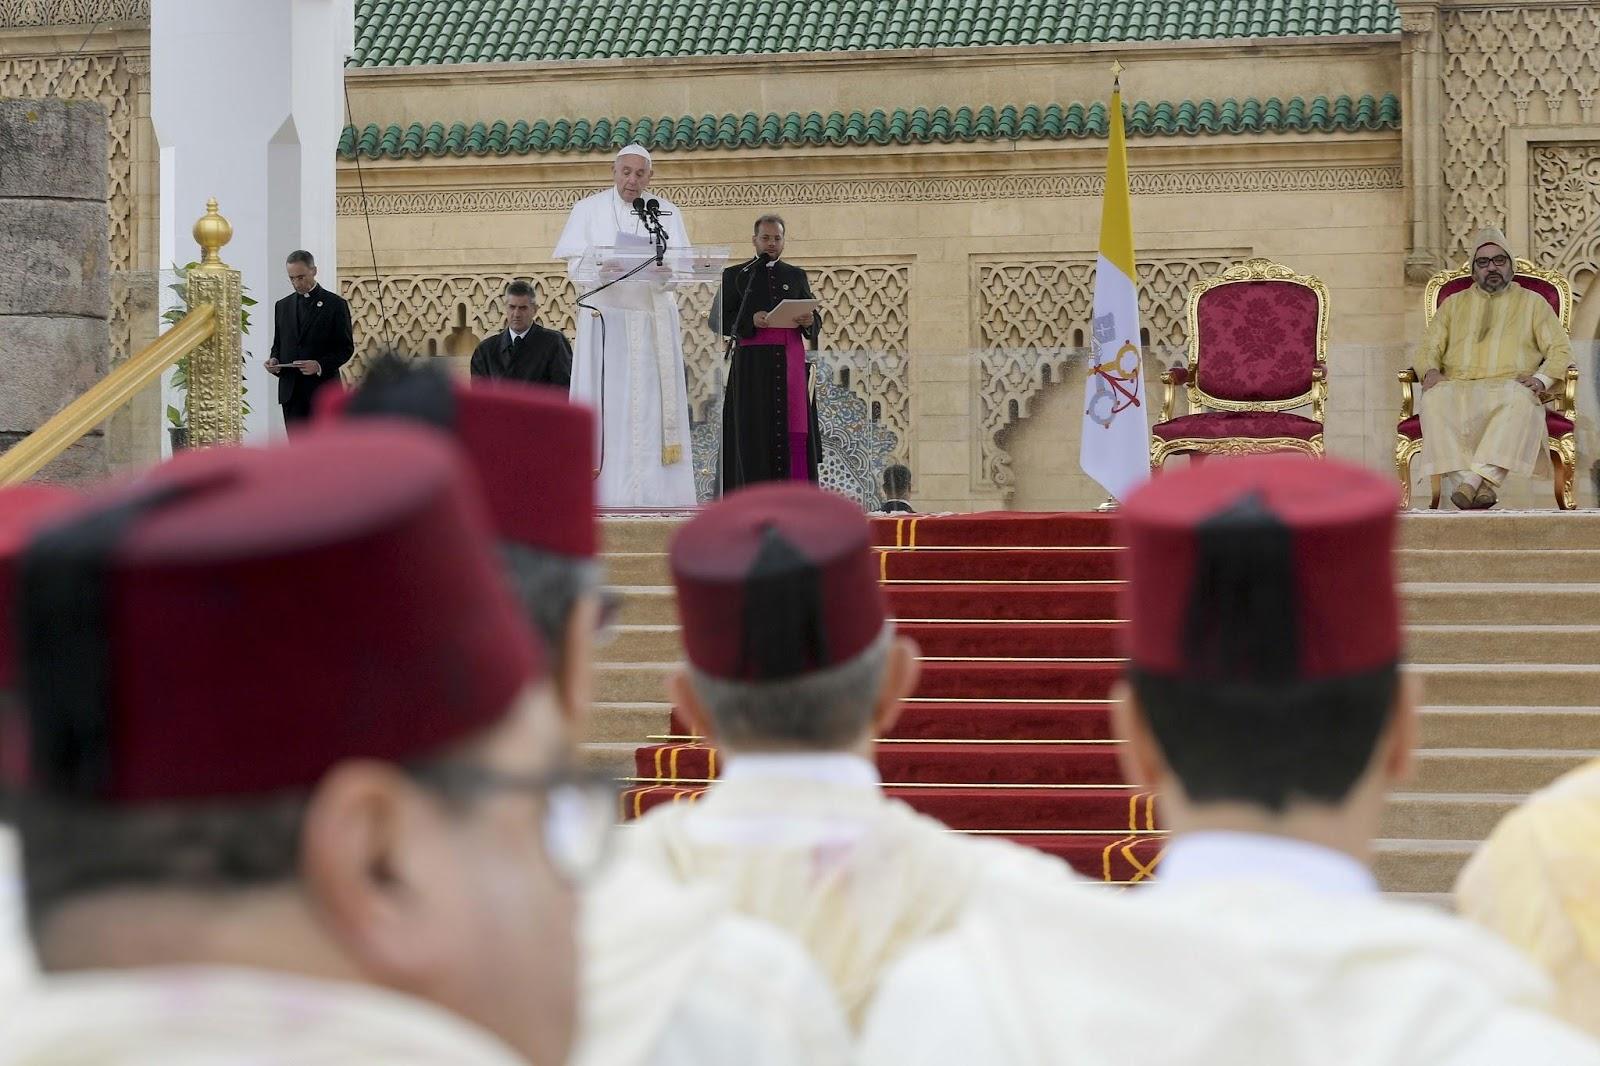 Diễn từ của Đức Thánh Cha trước các Giới chức Chính quyền Ma-rốc, Ngoại giao đoàn